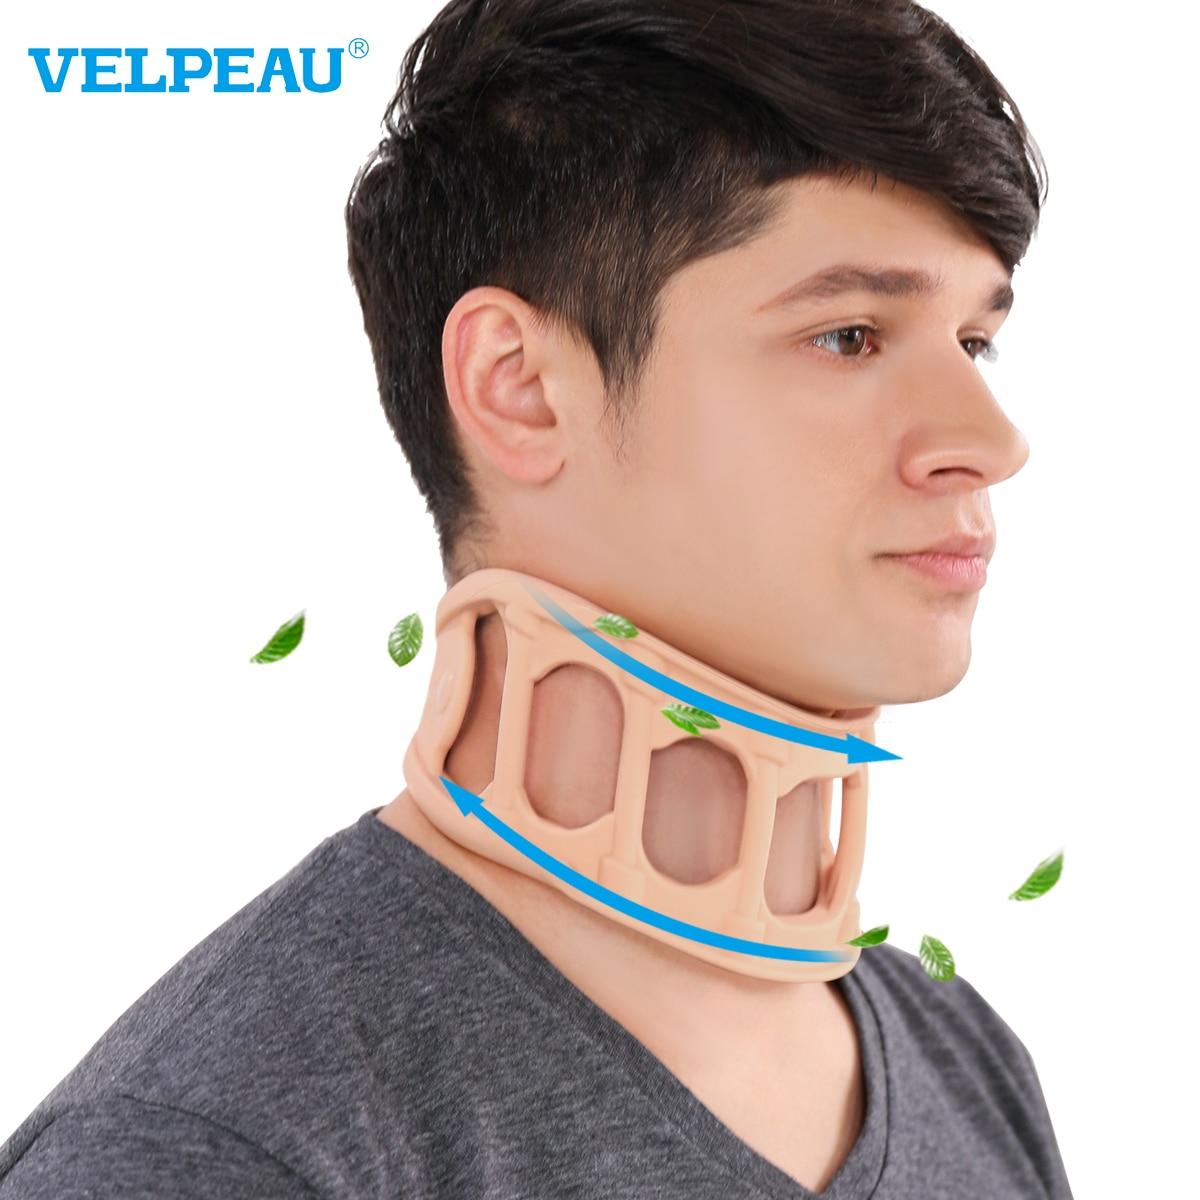 Подвеска для шеи VELPEAU для шейного отдела позвоночника, прохладный и дышащий силиконовый ошейник для летней поддержки шеи, Сменный Чехол